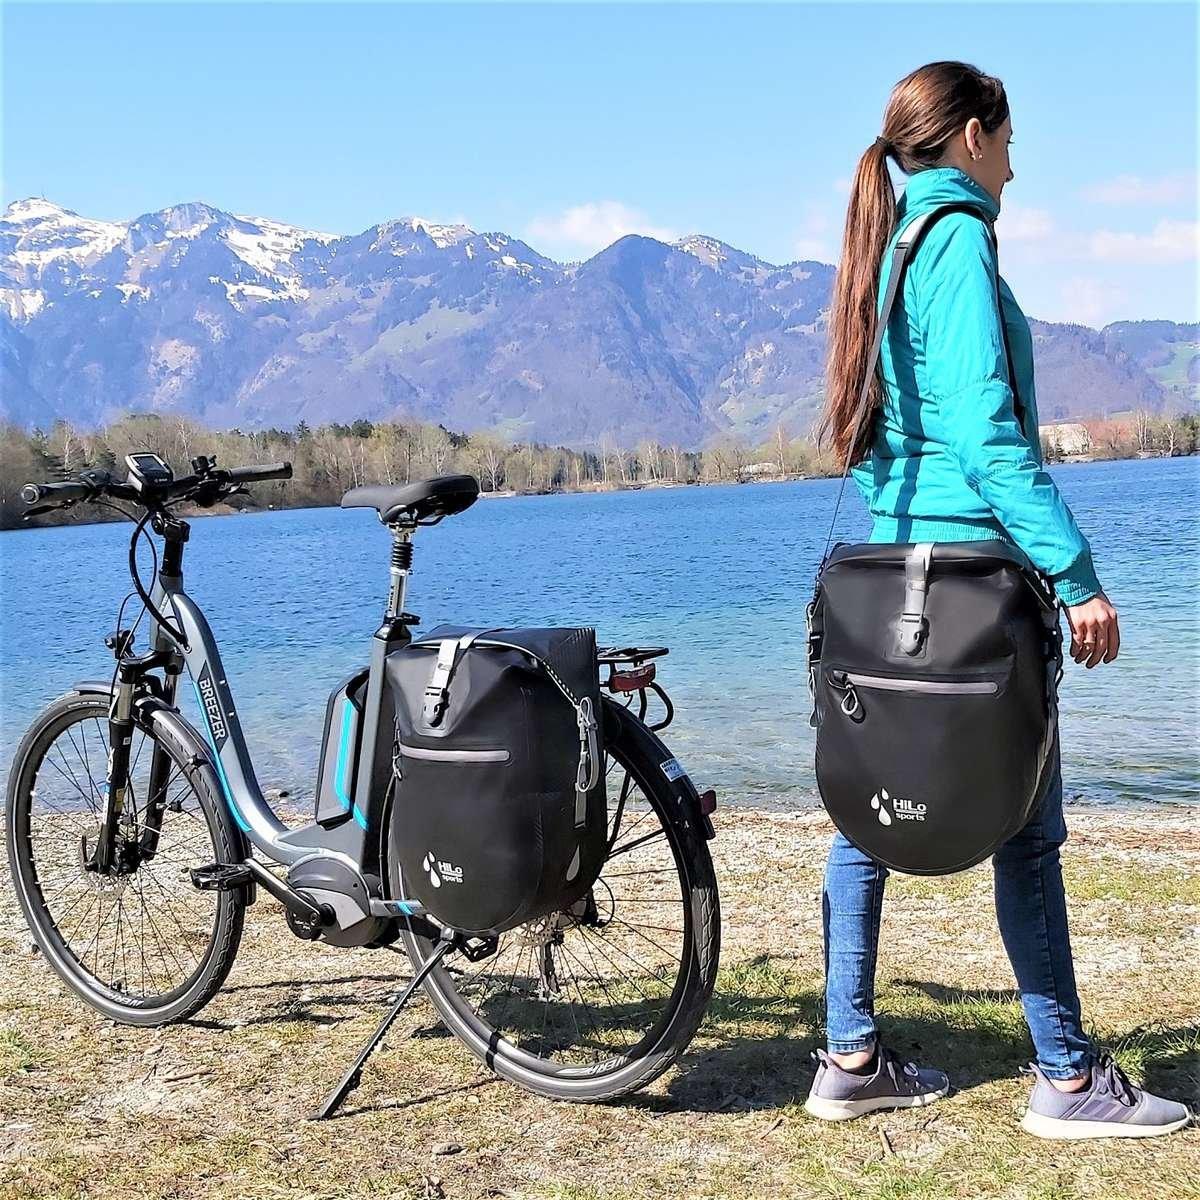 Geeignet für Radtouren und auch den Alltag. HiLo sports wasserdichte 25L Volumen Hinterradtasche für dein Fahrrad.